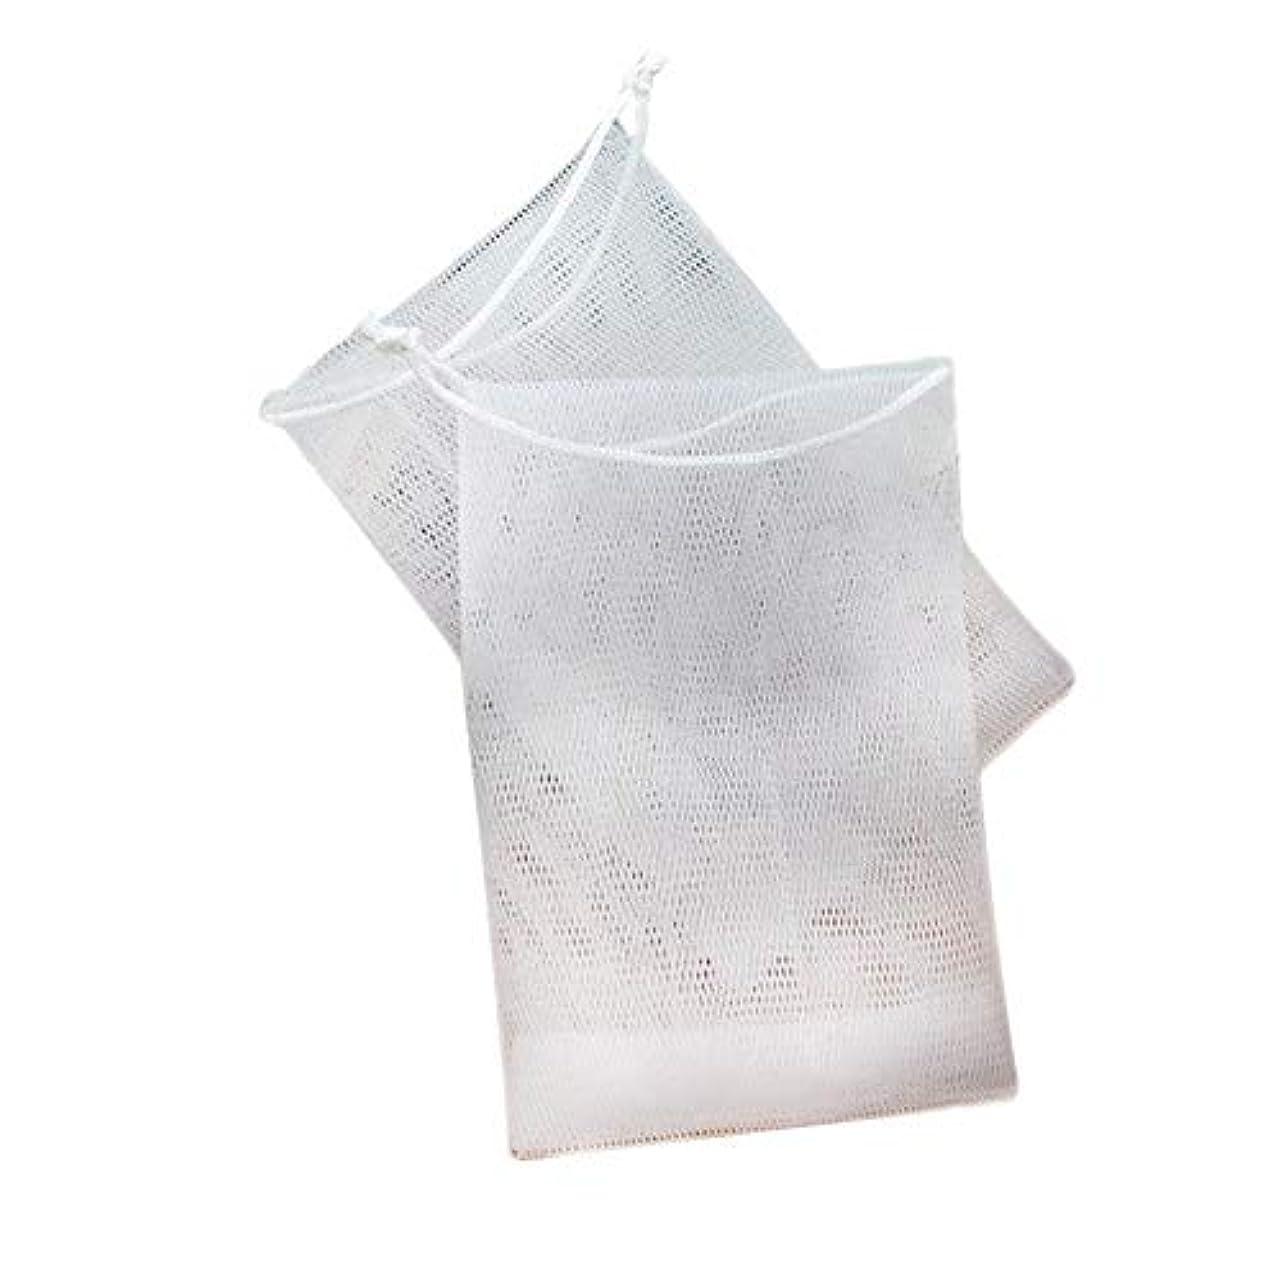 従順ゴミ忠誠石鹸の袋の網のドローストリング袋は ハンドメイドの石鹸の泡泡ネットメーカーのために掛けることができます 12×9cm